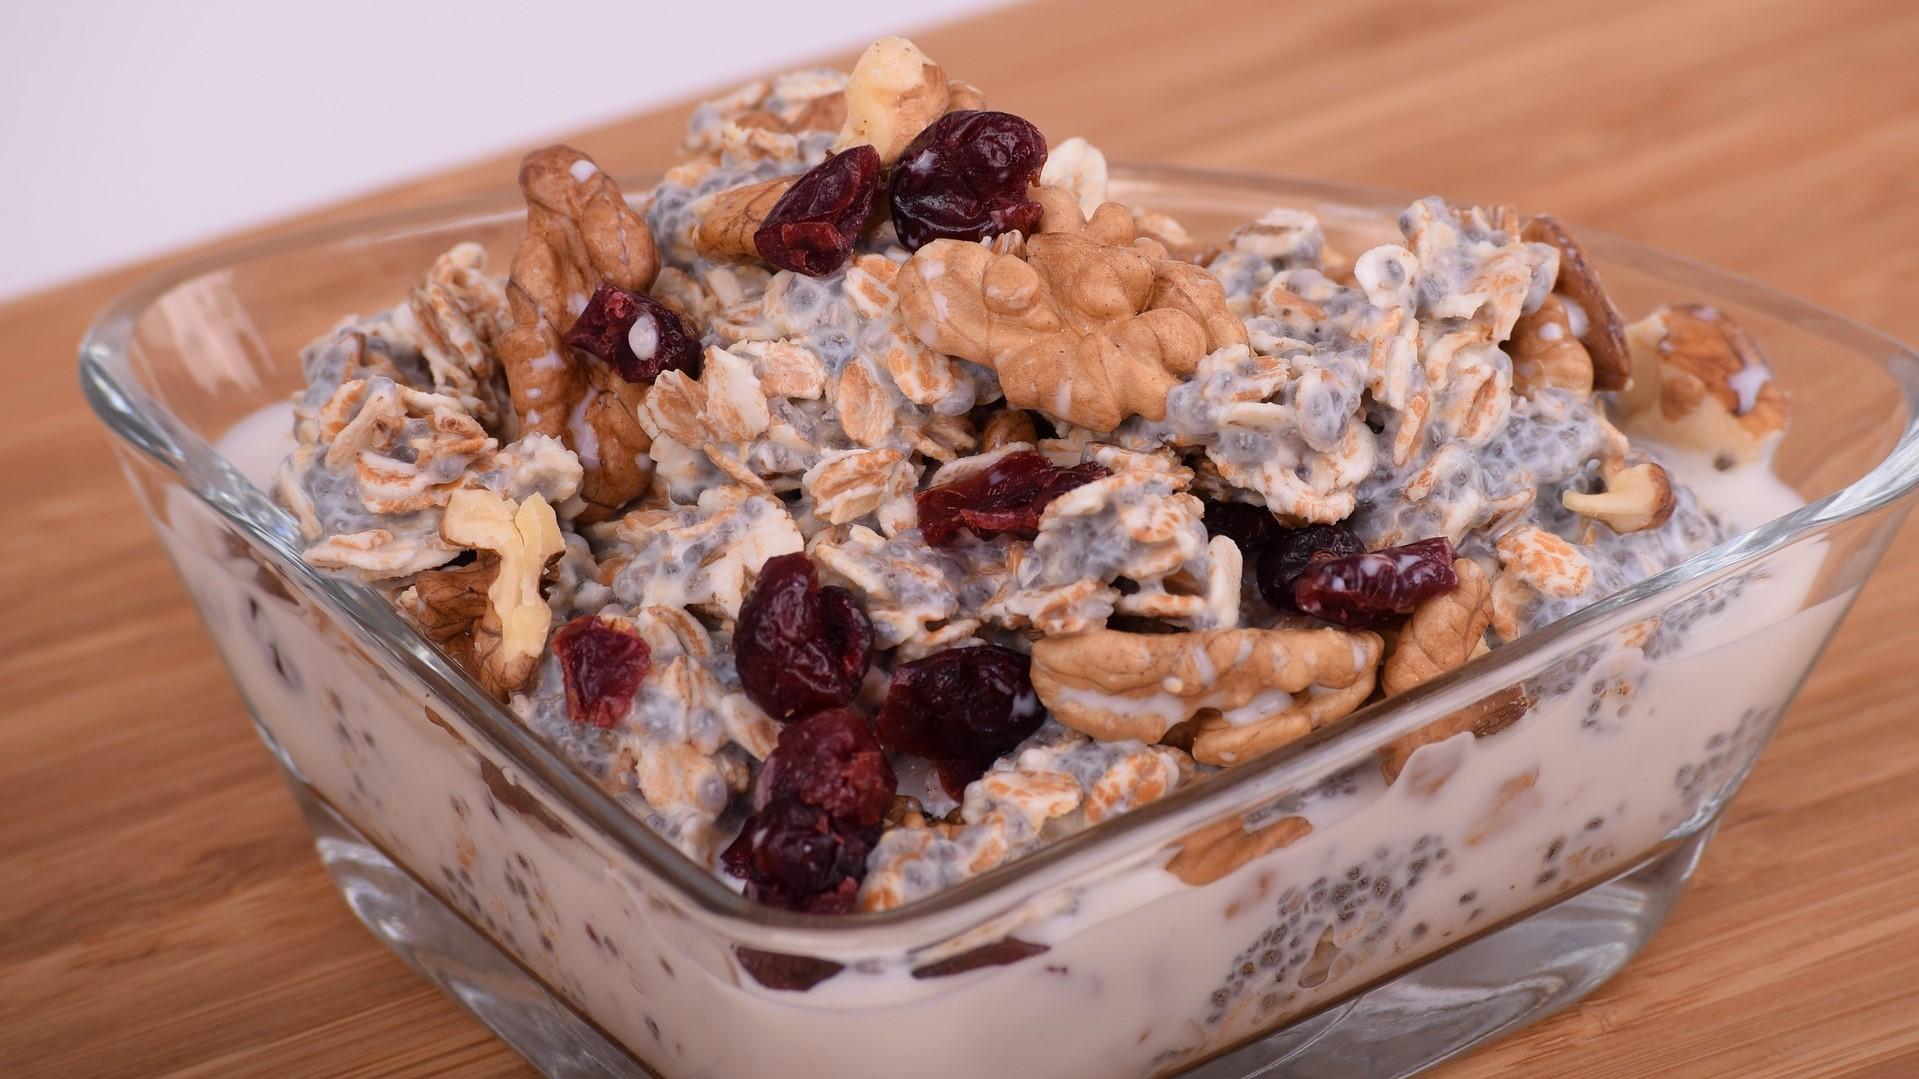 Cranberries schmecken nicht nur im Müsli - auch Hunde mögen die gesunden Beeren.